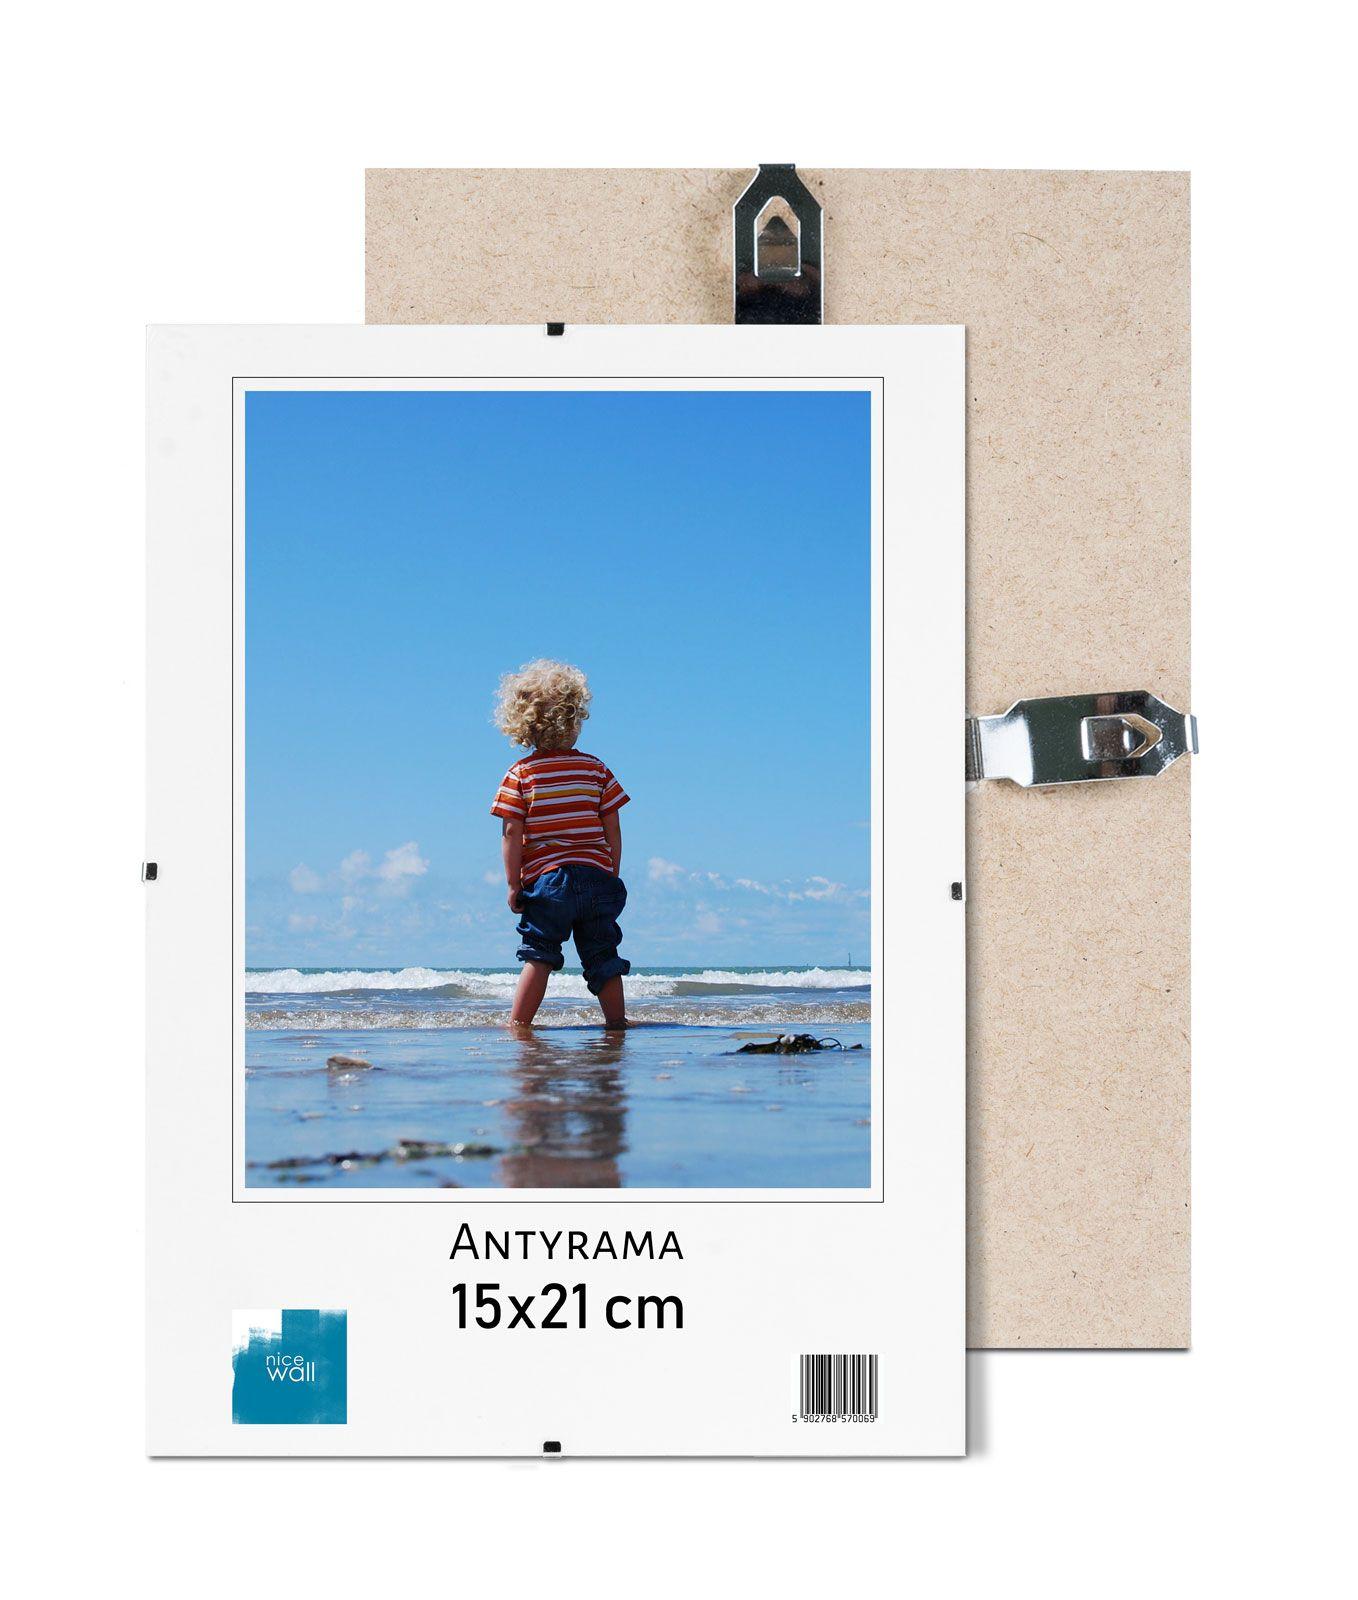 Antyrama 15x21 cm Antyramy A5 Foto ramka 21x15 cm